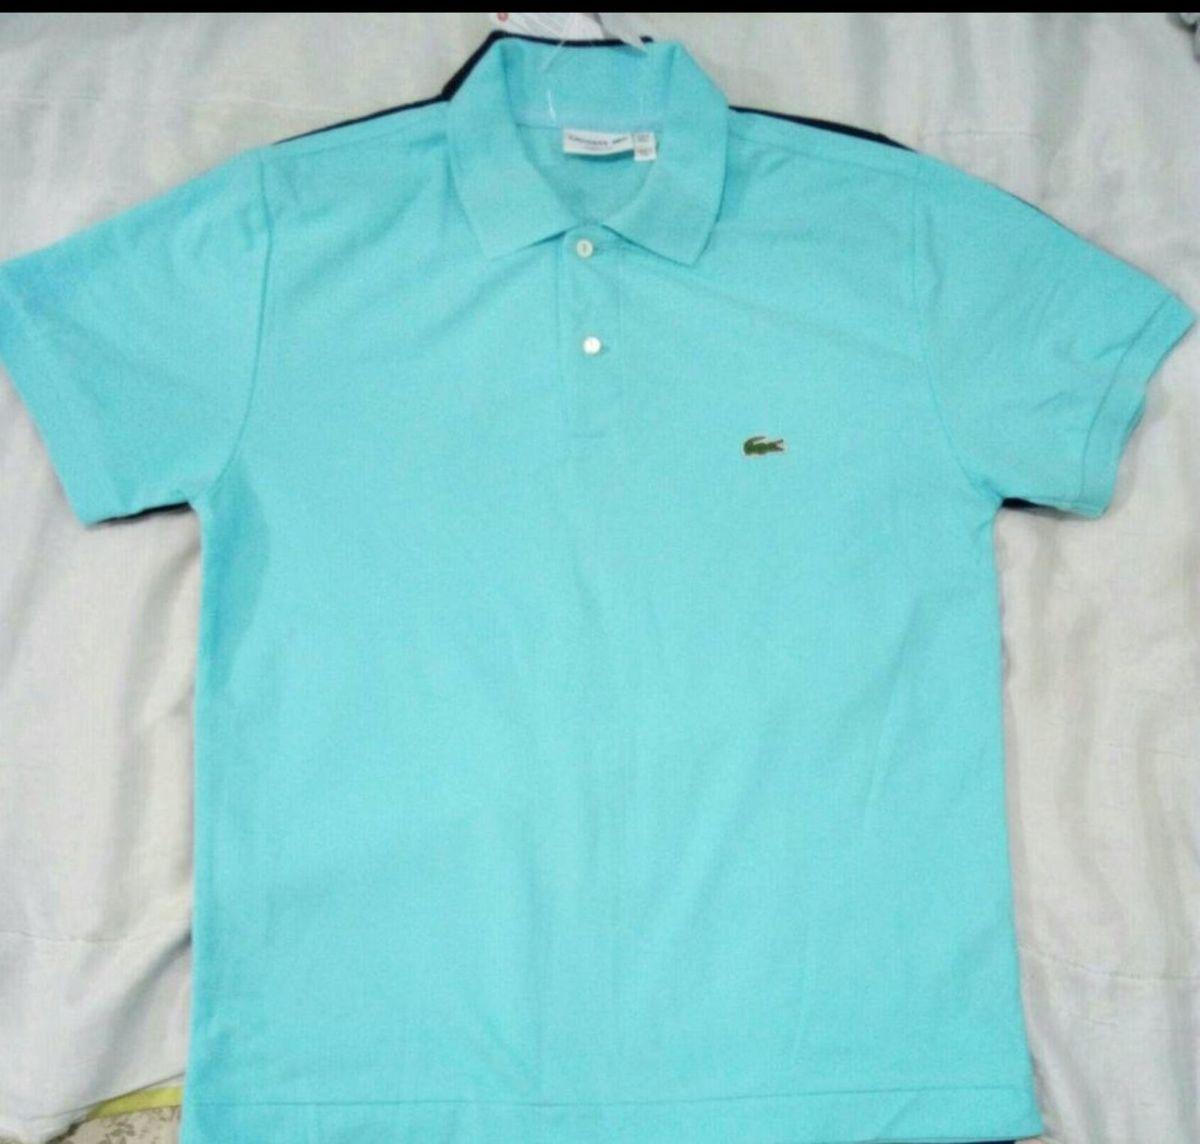 9bb3ae6e41 camisa polo lalá masculina azul marinho g - camisas outras